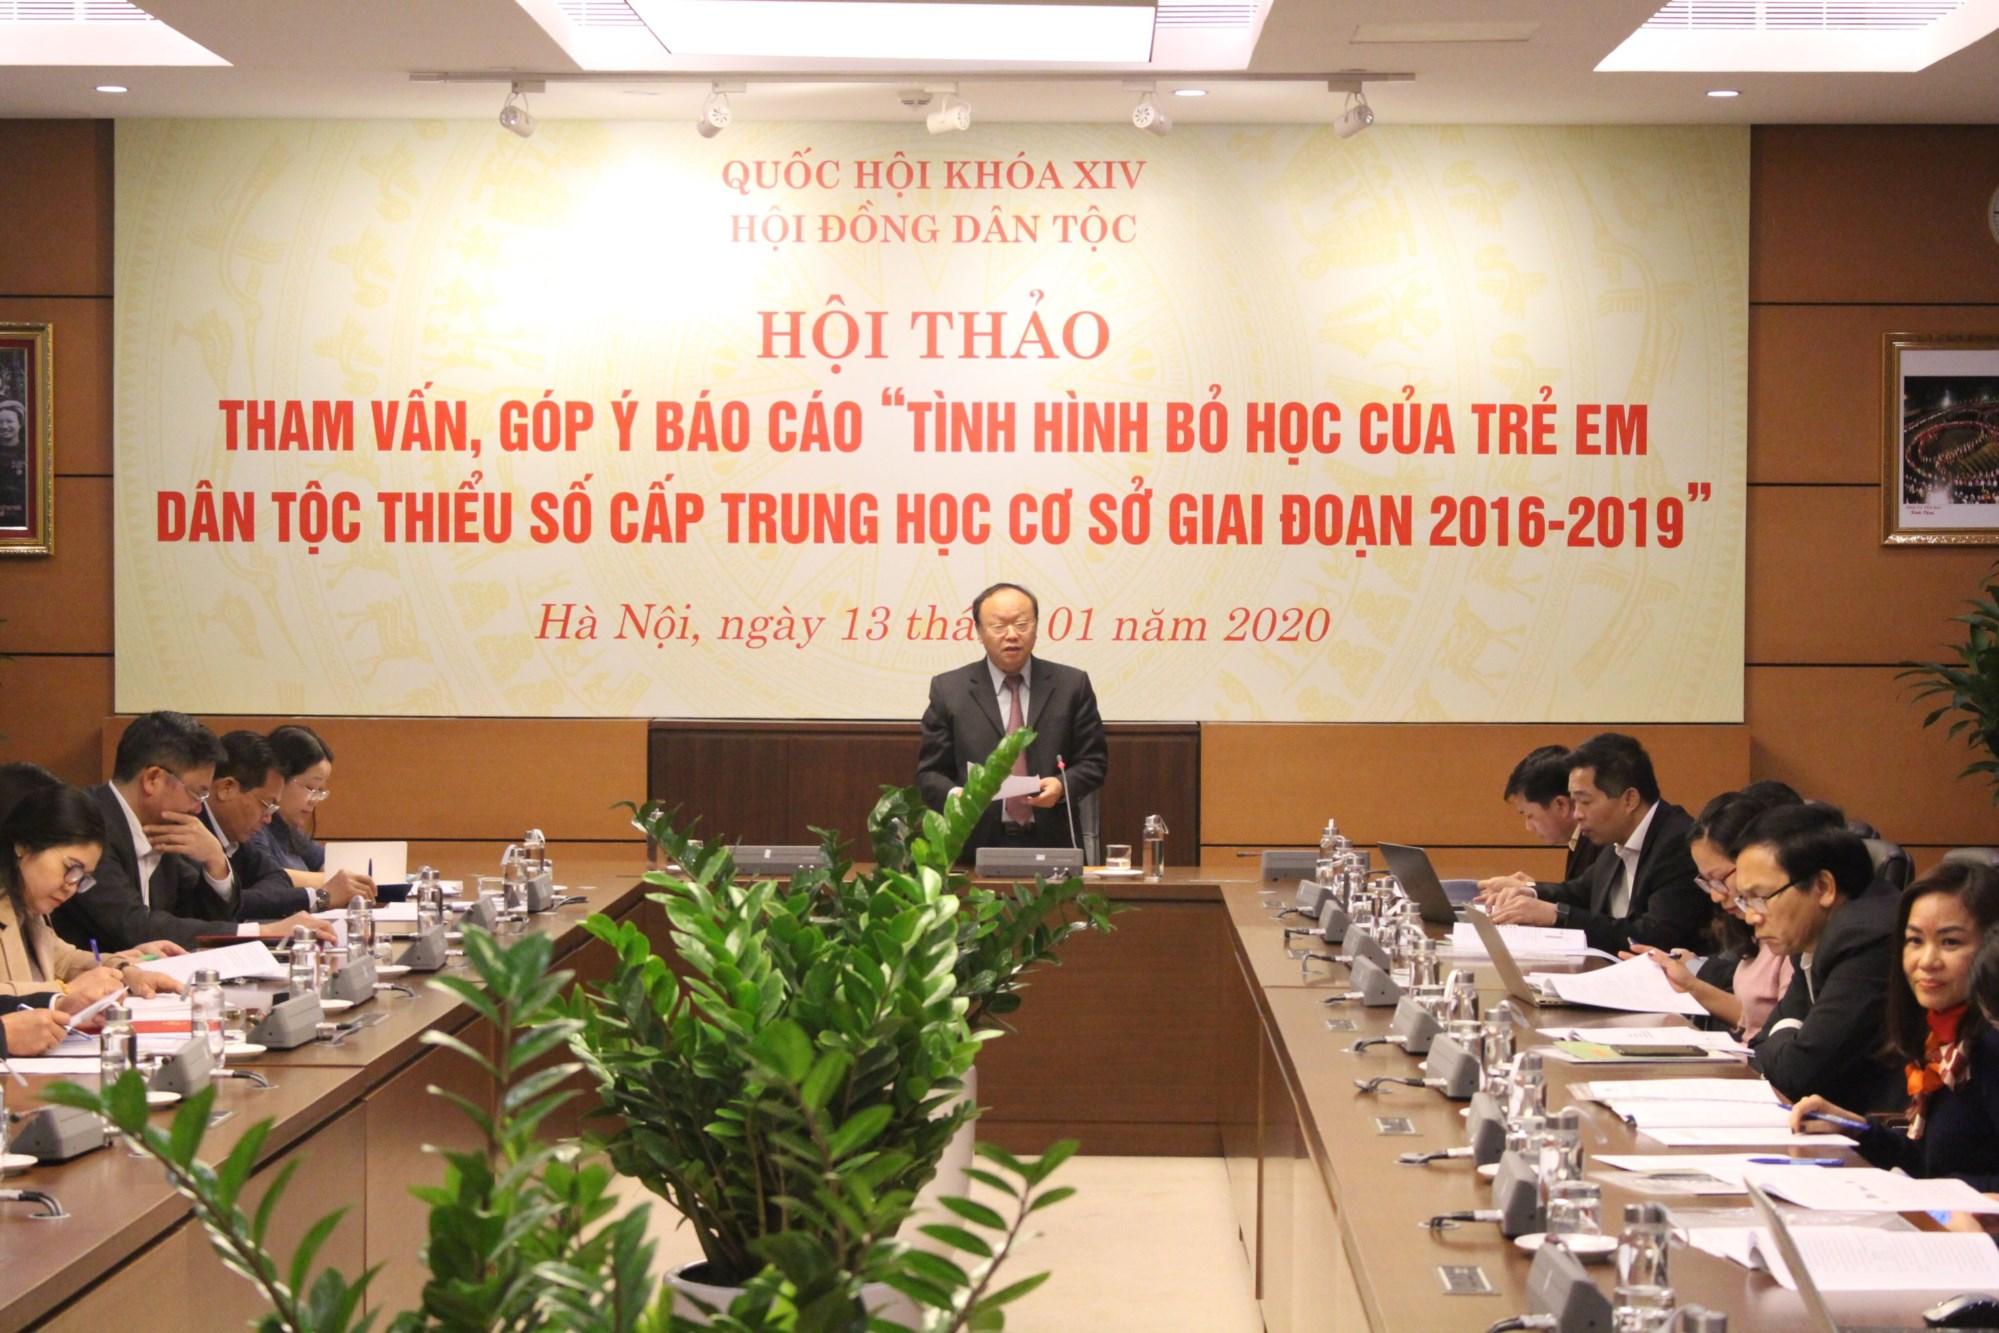 Hội thảo đã khuyến nghị nhiều giải pháp nhằm hạn chế tình trạng học sinh DTTS cấp THCS bỏ học